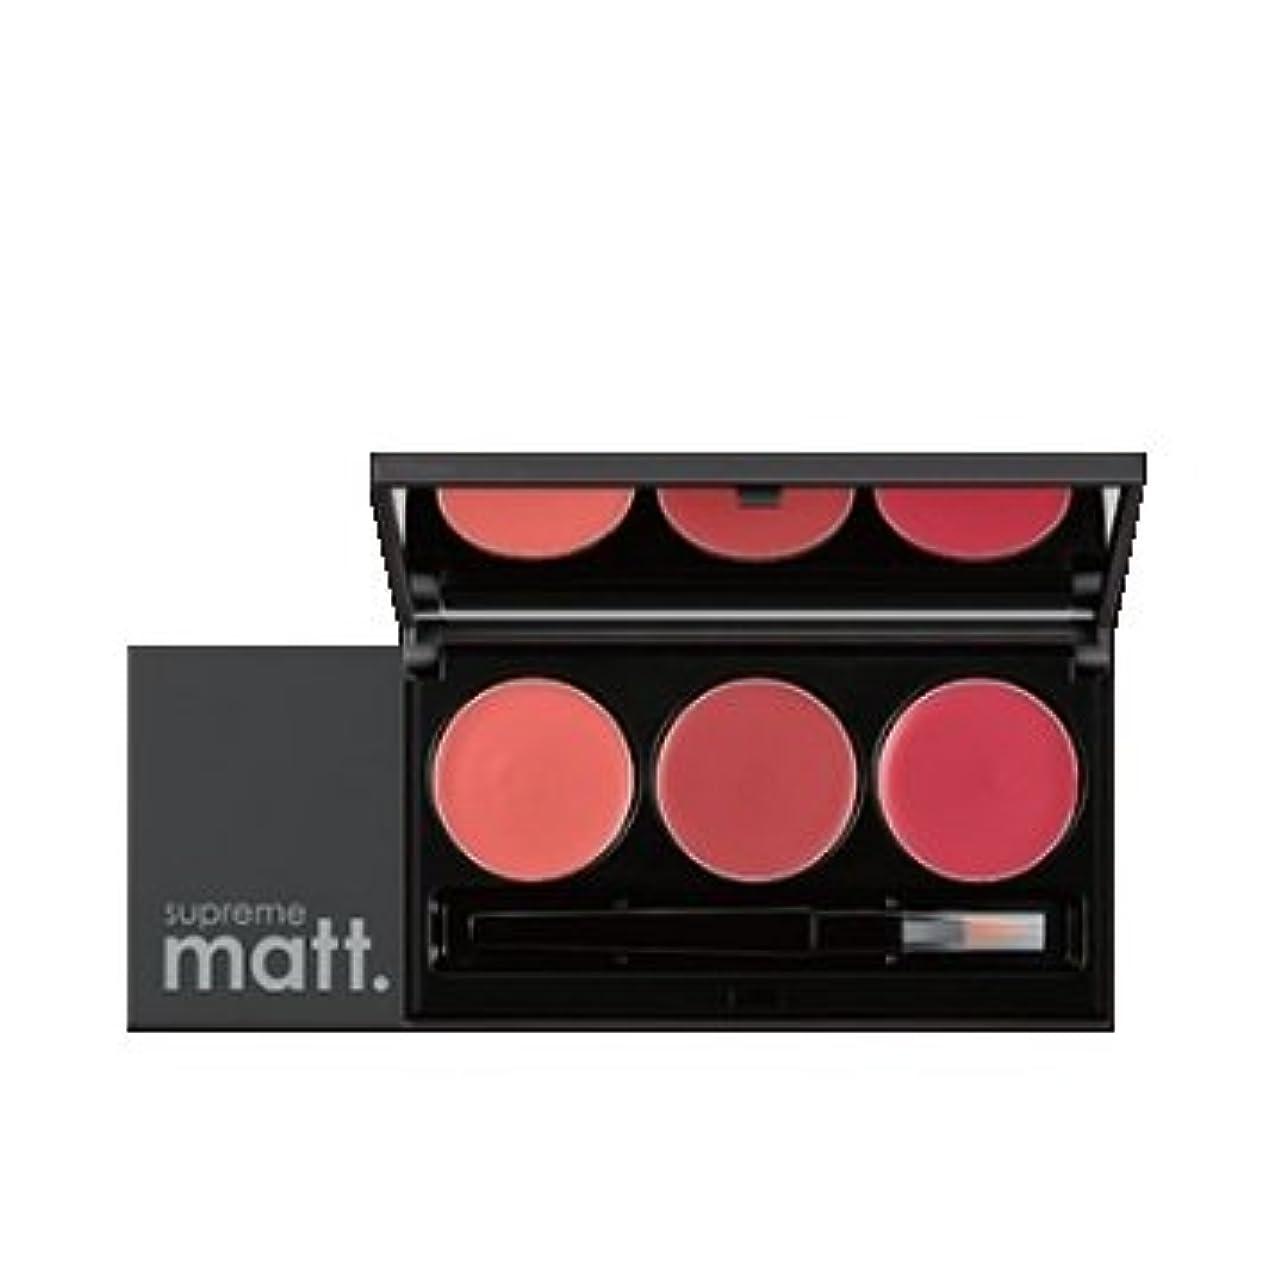 着実にセブン介入する[サンプル] MISSHA Supreme Matt Lip Rouge Lip Palette / ミシャ シュープリームマットリップルージュリップパレット [並行輸入品]